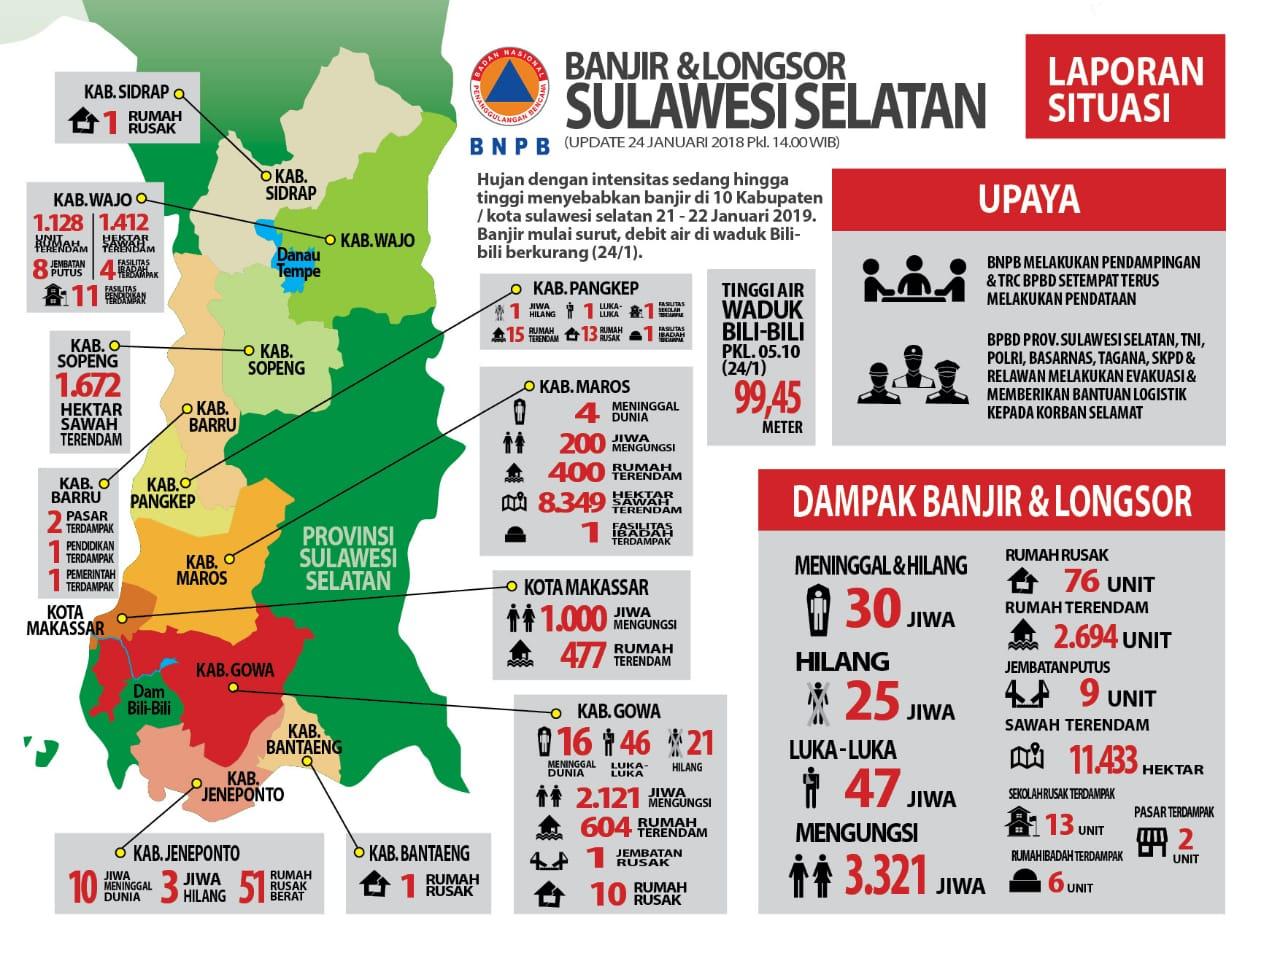 Infografis penanganan banjir dan longsor Sulawesi Selatan